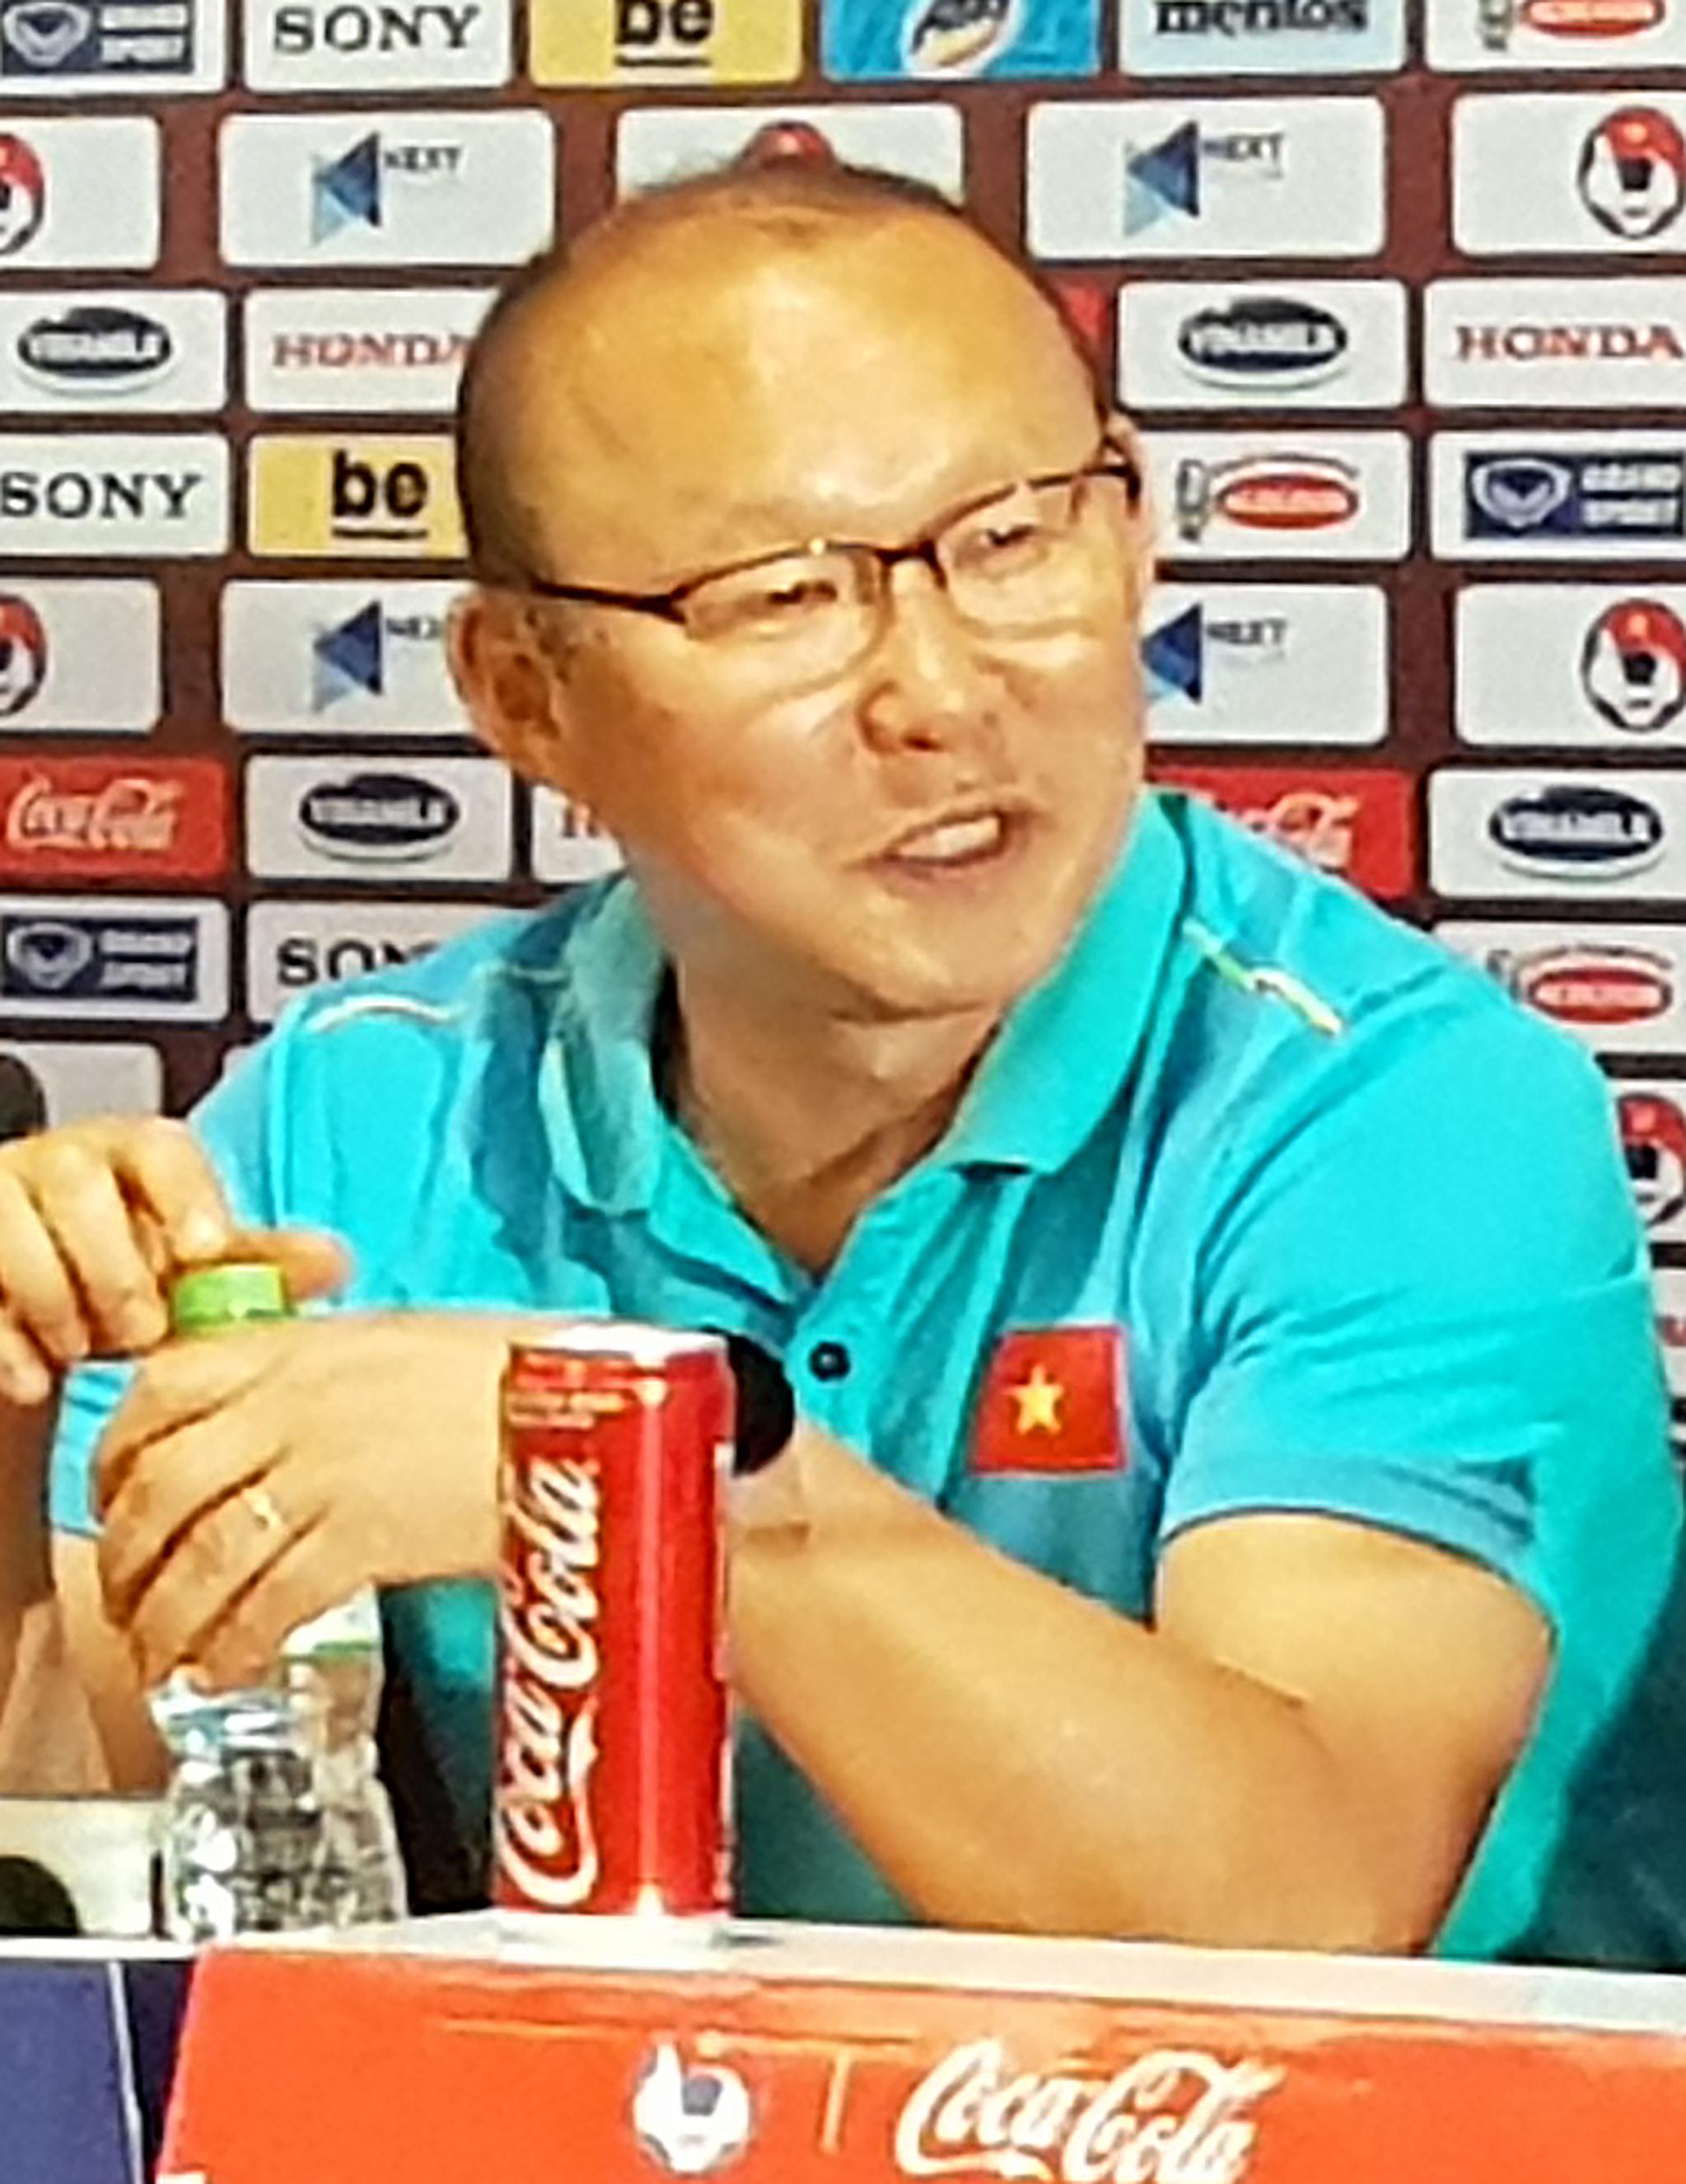 박항서 감독이 이끄는 베트남 축구 대표팀이 19일(현지시간) 베트남 하노이 미딘국립경기장에서 펼친 2022년 카타르 월드컵 아시아 2차 예선 G조 5차전에서 태국과 0-0으로 비긴 뒤 박 감독이 기자회견을 하고 소회를 밝히고 있다. [연합뉴스]